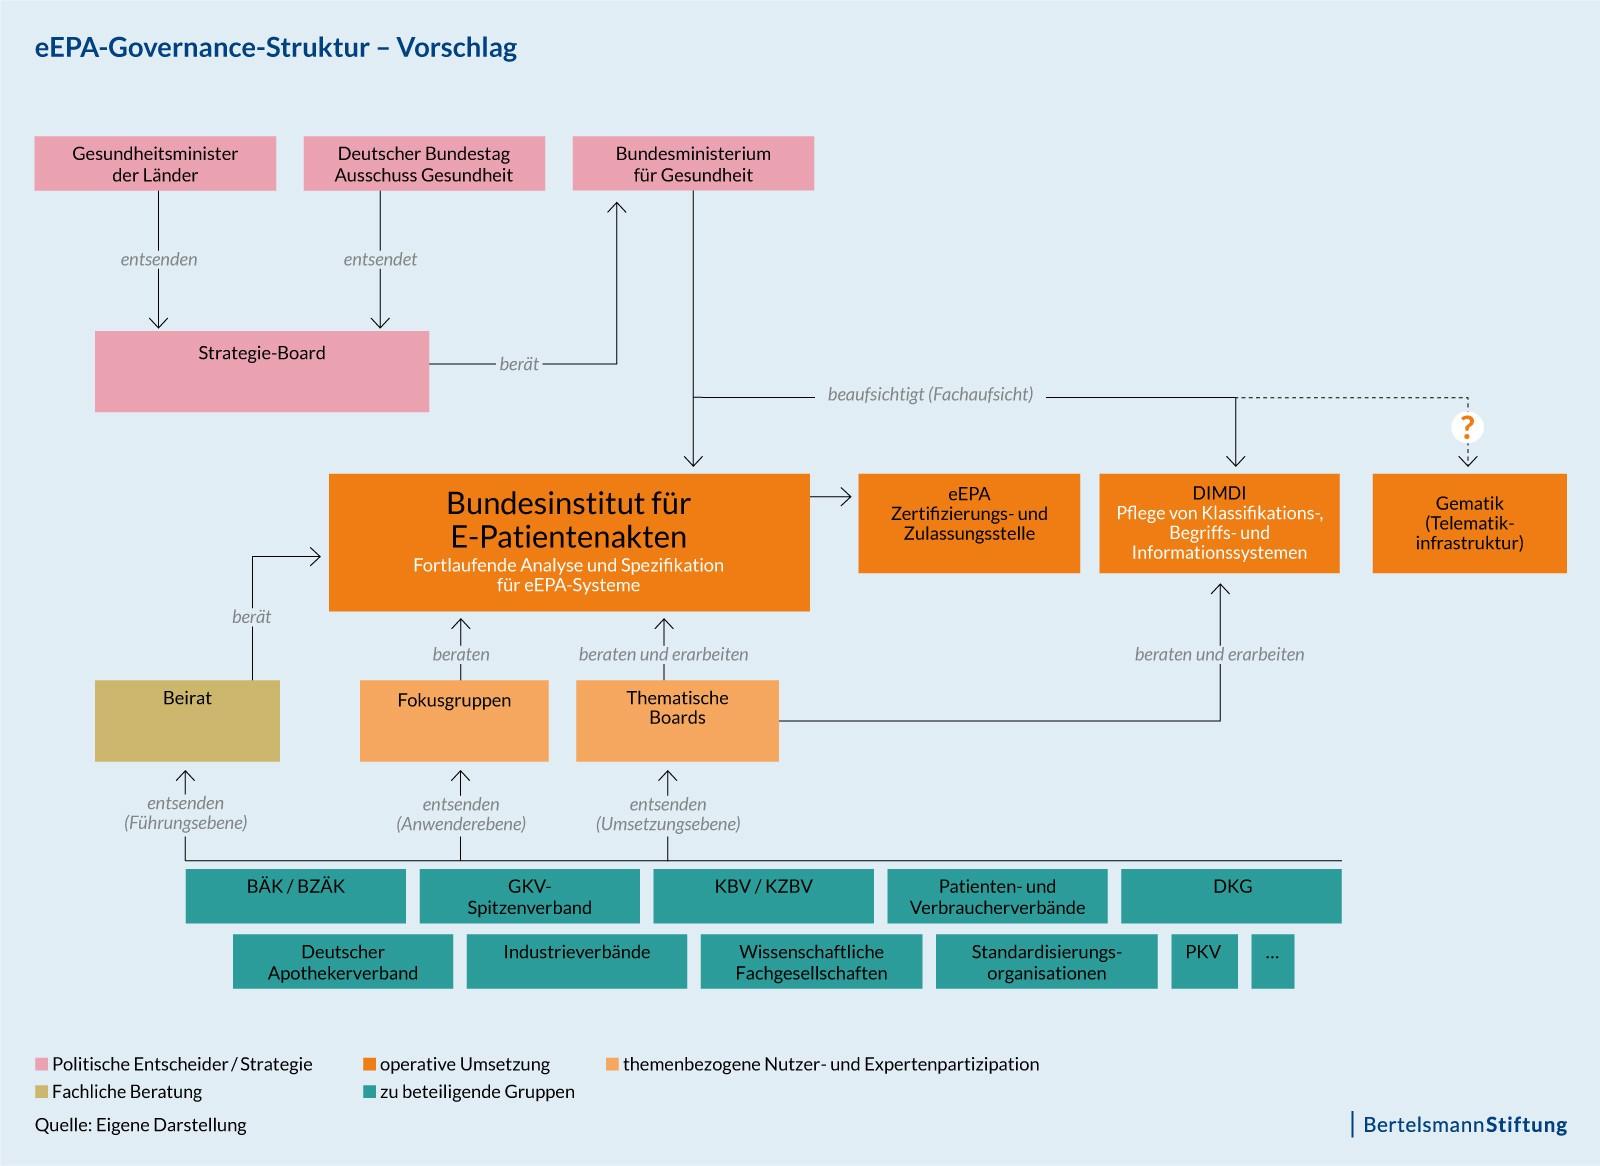 """Die Abbildung zeigt ein exemplarisches Governance-Modell, das sowohl die Partizipation der relevanten Gruppen als auch die Handlungs- und Entscheidungsfähigkeit sicherstellt. Kern dieses Modells ist ein auf Dauer angelegtes """"eEPA-Bundesinstitut"""" unter politischer Steuerung. Die Fachaufsicht läge beim Bundesministerium für Gesundheit, das Institut würde Standards und Rahmenbedingungen sowie zulässige Betreibermodelle definieren. Ein strategisches Board mit Vertretern aus Bundes- und Landespolitik würde Empfehlungen aussprechen, die betroffenen Experten- und Anspruchsgruppen würden über Fokusgruppen (fachlich) und einen Beirat (übergeordnet) beteiligt. Das technische Knowhow zu unterschiedlichen Themen würde über thematische Boards eingebunden, die gematik wäre weiterhin zuständig für den Betrieb der Telematikinfrastruktur, ihre organistorische und strukturelle Verankerung müsste politisch geklärt werden. Das Modell erhebt keinen Anspruch auf letztendliche Gültigkeit, soll aber konkrete Diskussionsanstöße geben."""